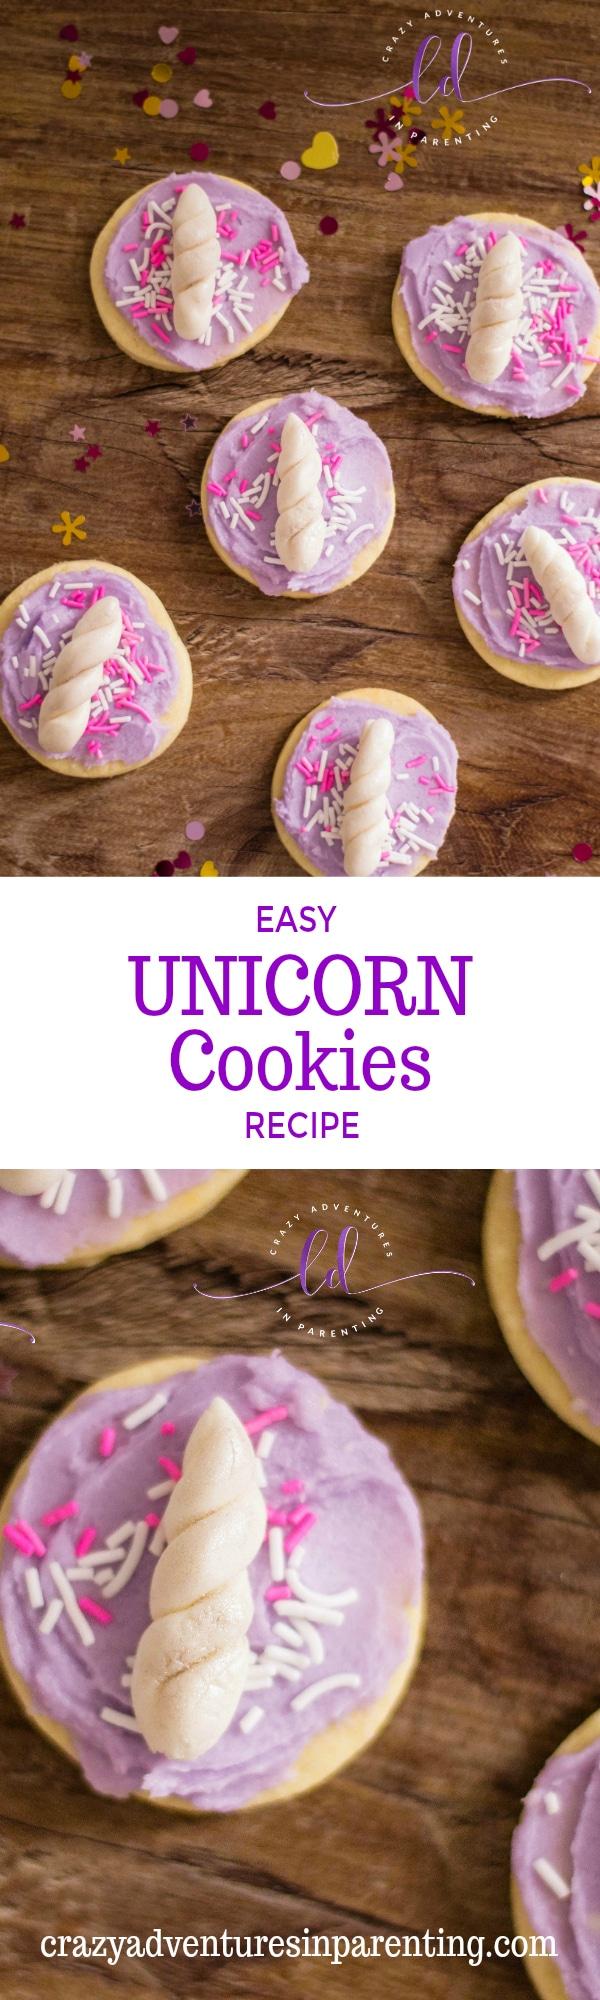 Unicorn Cookies Are Bomb